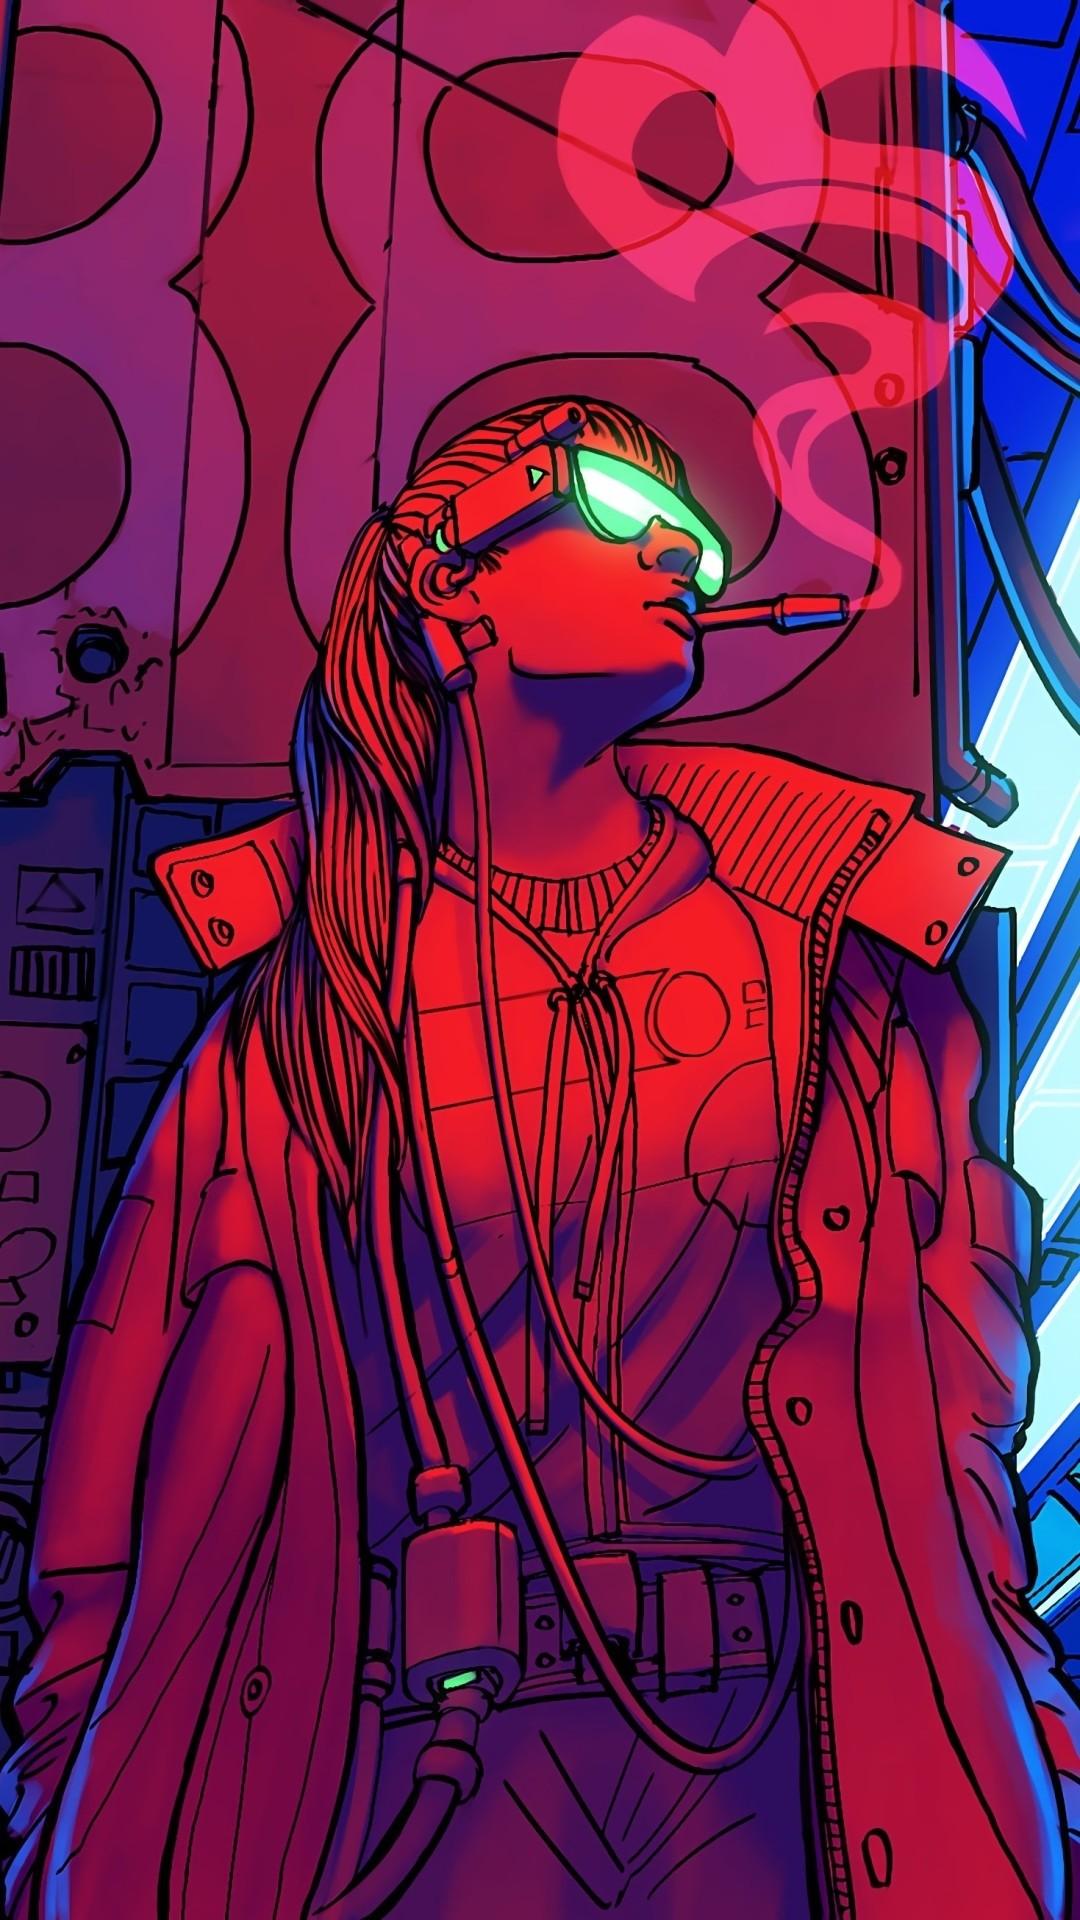 Cyberpunk wallpaper for iPhone